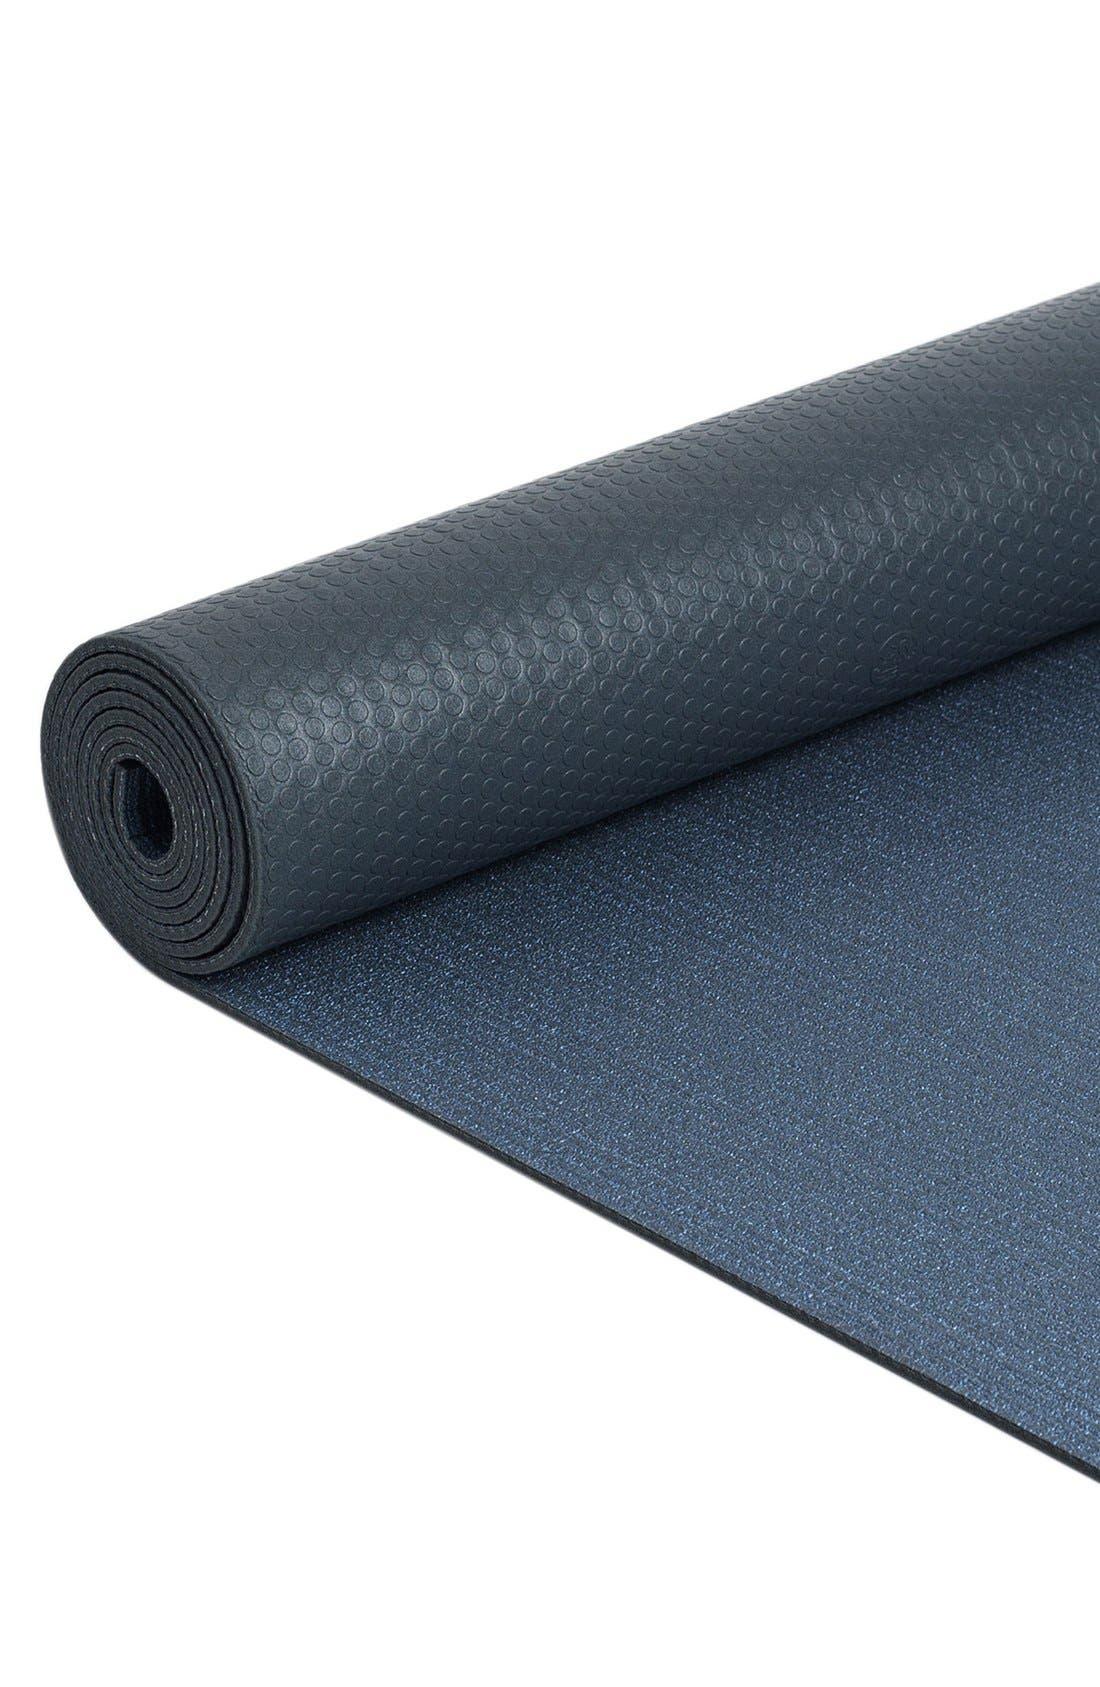 'ProLite - Nuru' Yoga Mat,                             Alternate thumbnail 2, color,                             025